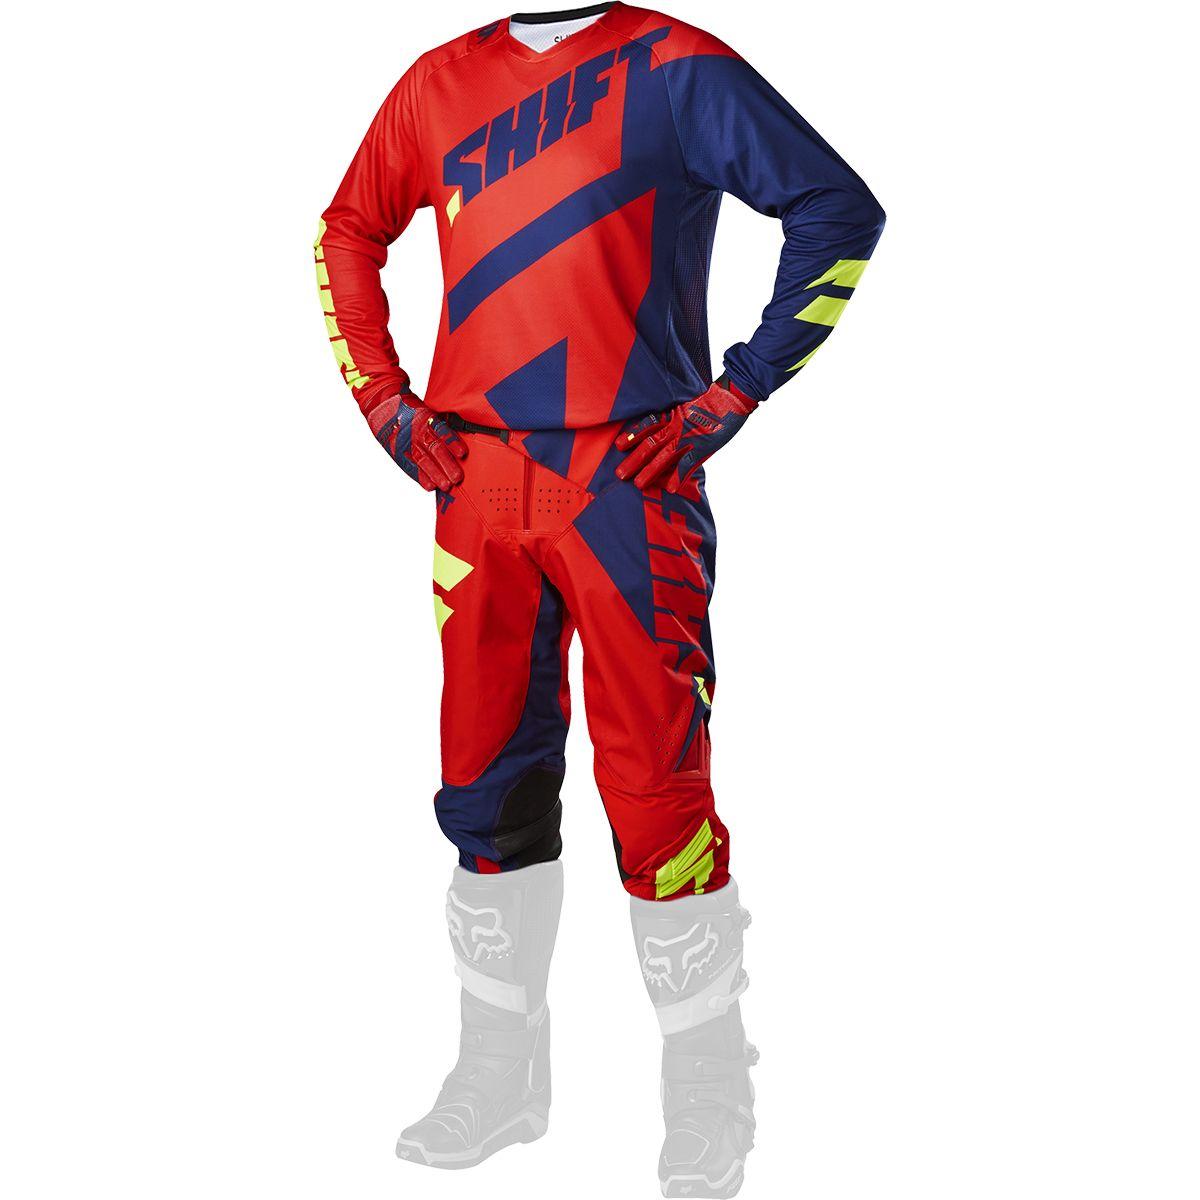 Shift - 2017 3LACK Mainline комплект штаны и джерси, сине-красные